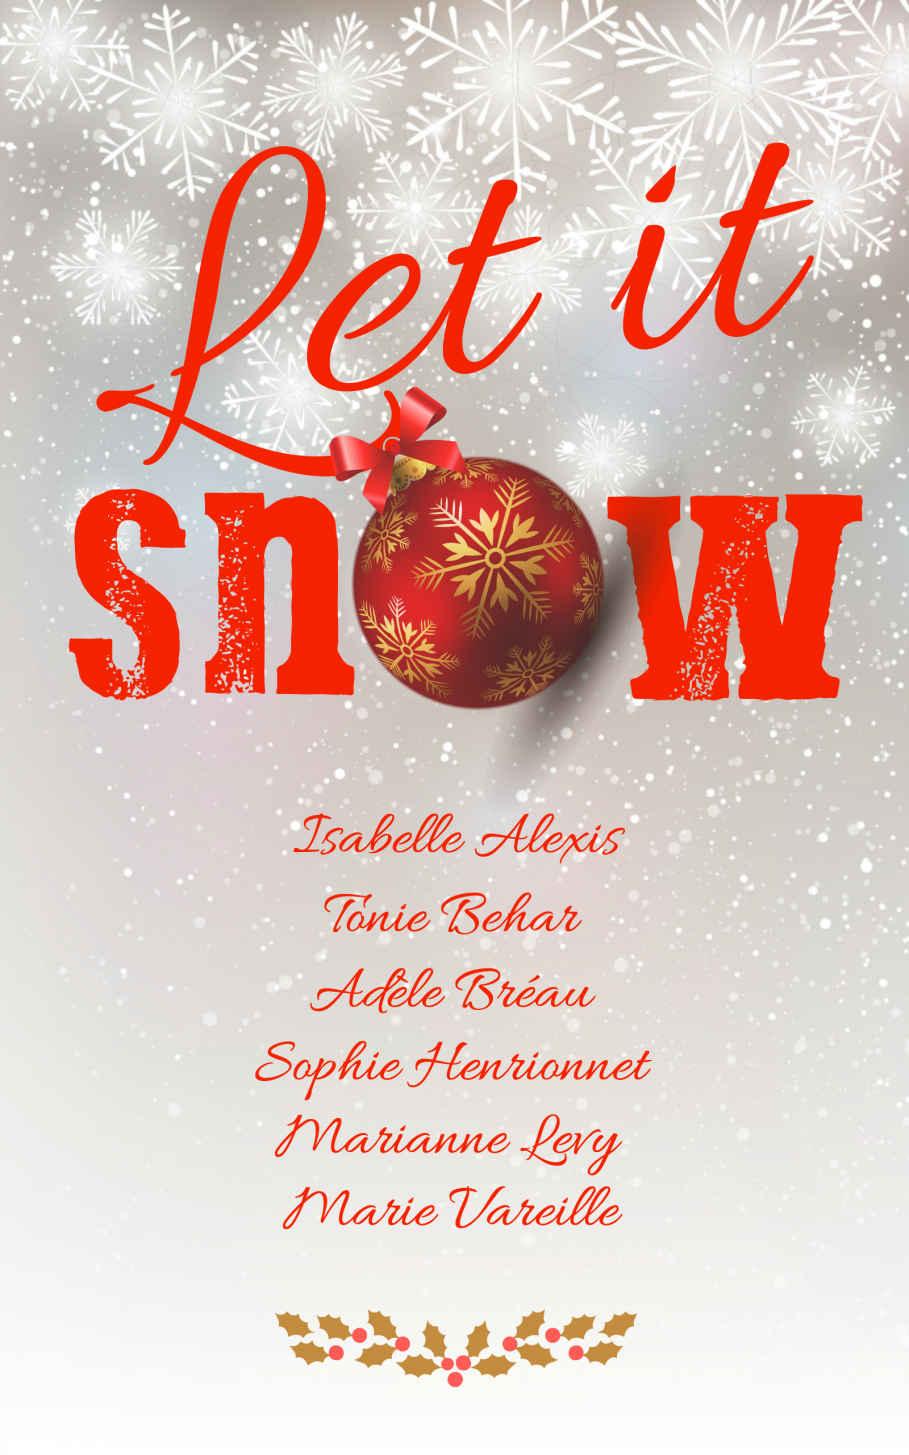 Let It Snow - Isabelle Alexis - Tonie Behar - Adèle Bréau - Sophie Henrionnet - Marianne Levy - Marie Vareille